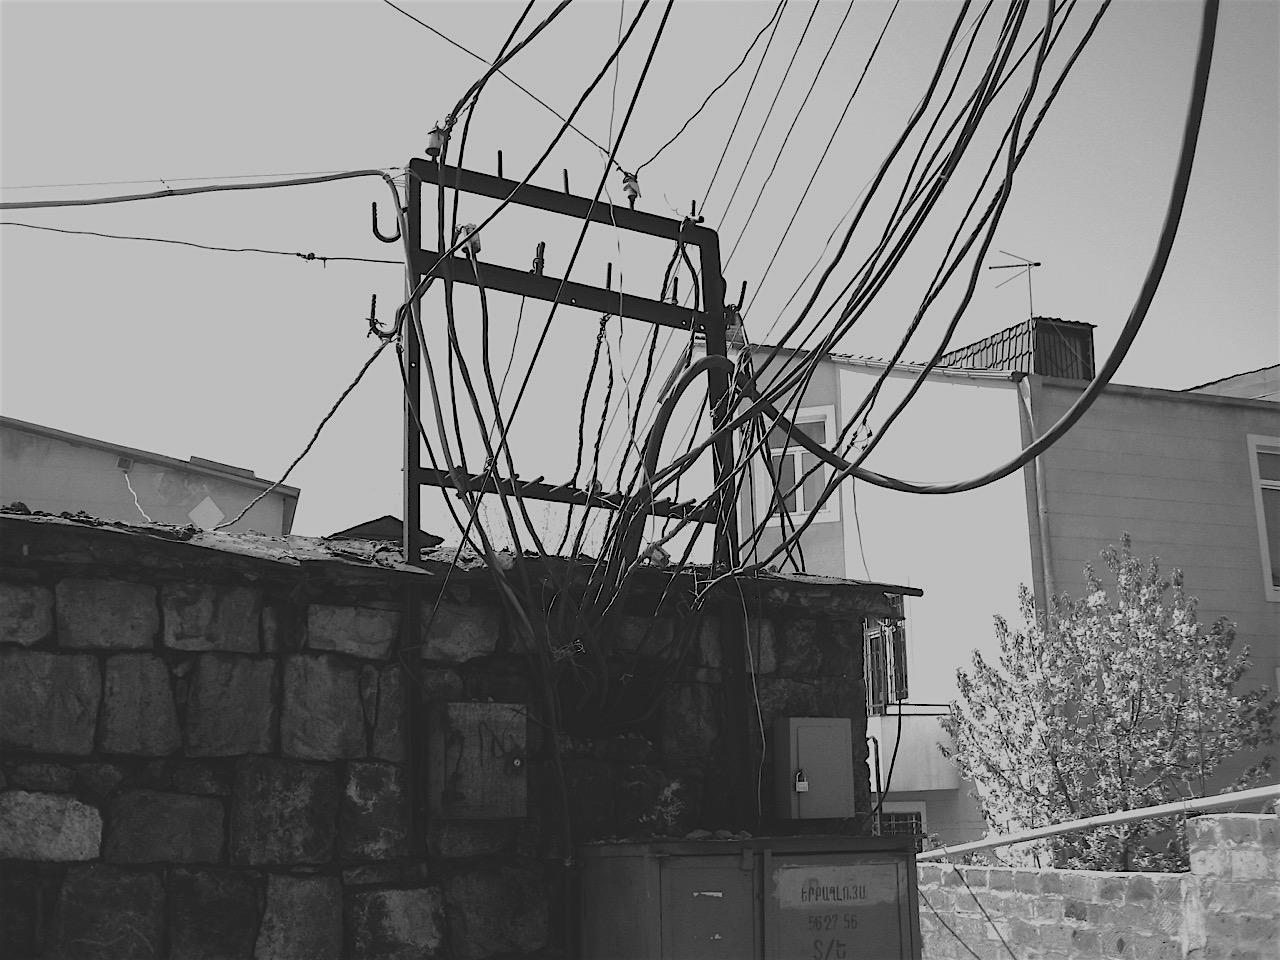 Foto: Strom. Aus: Eriwan. Kapitel 6 Aufzeichnungen aus Armenien von Marc Degens.